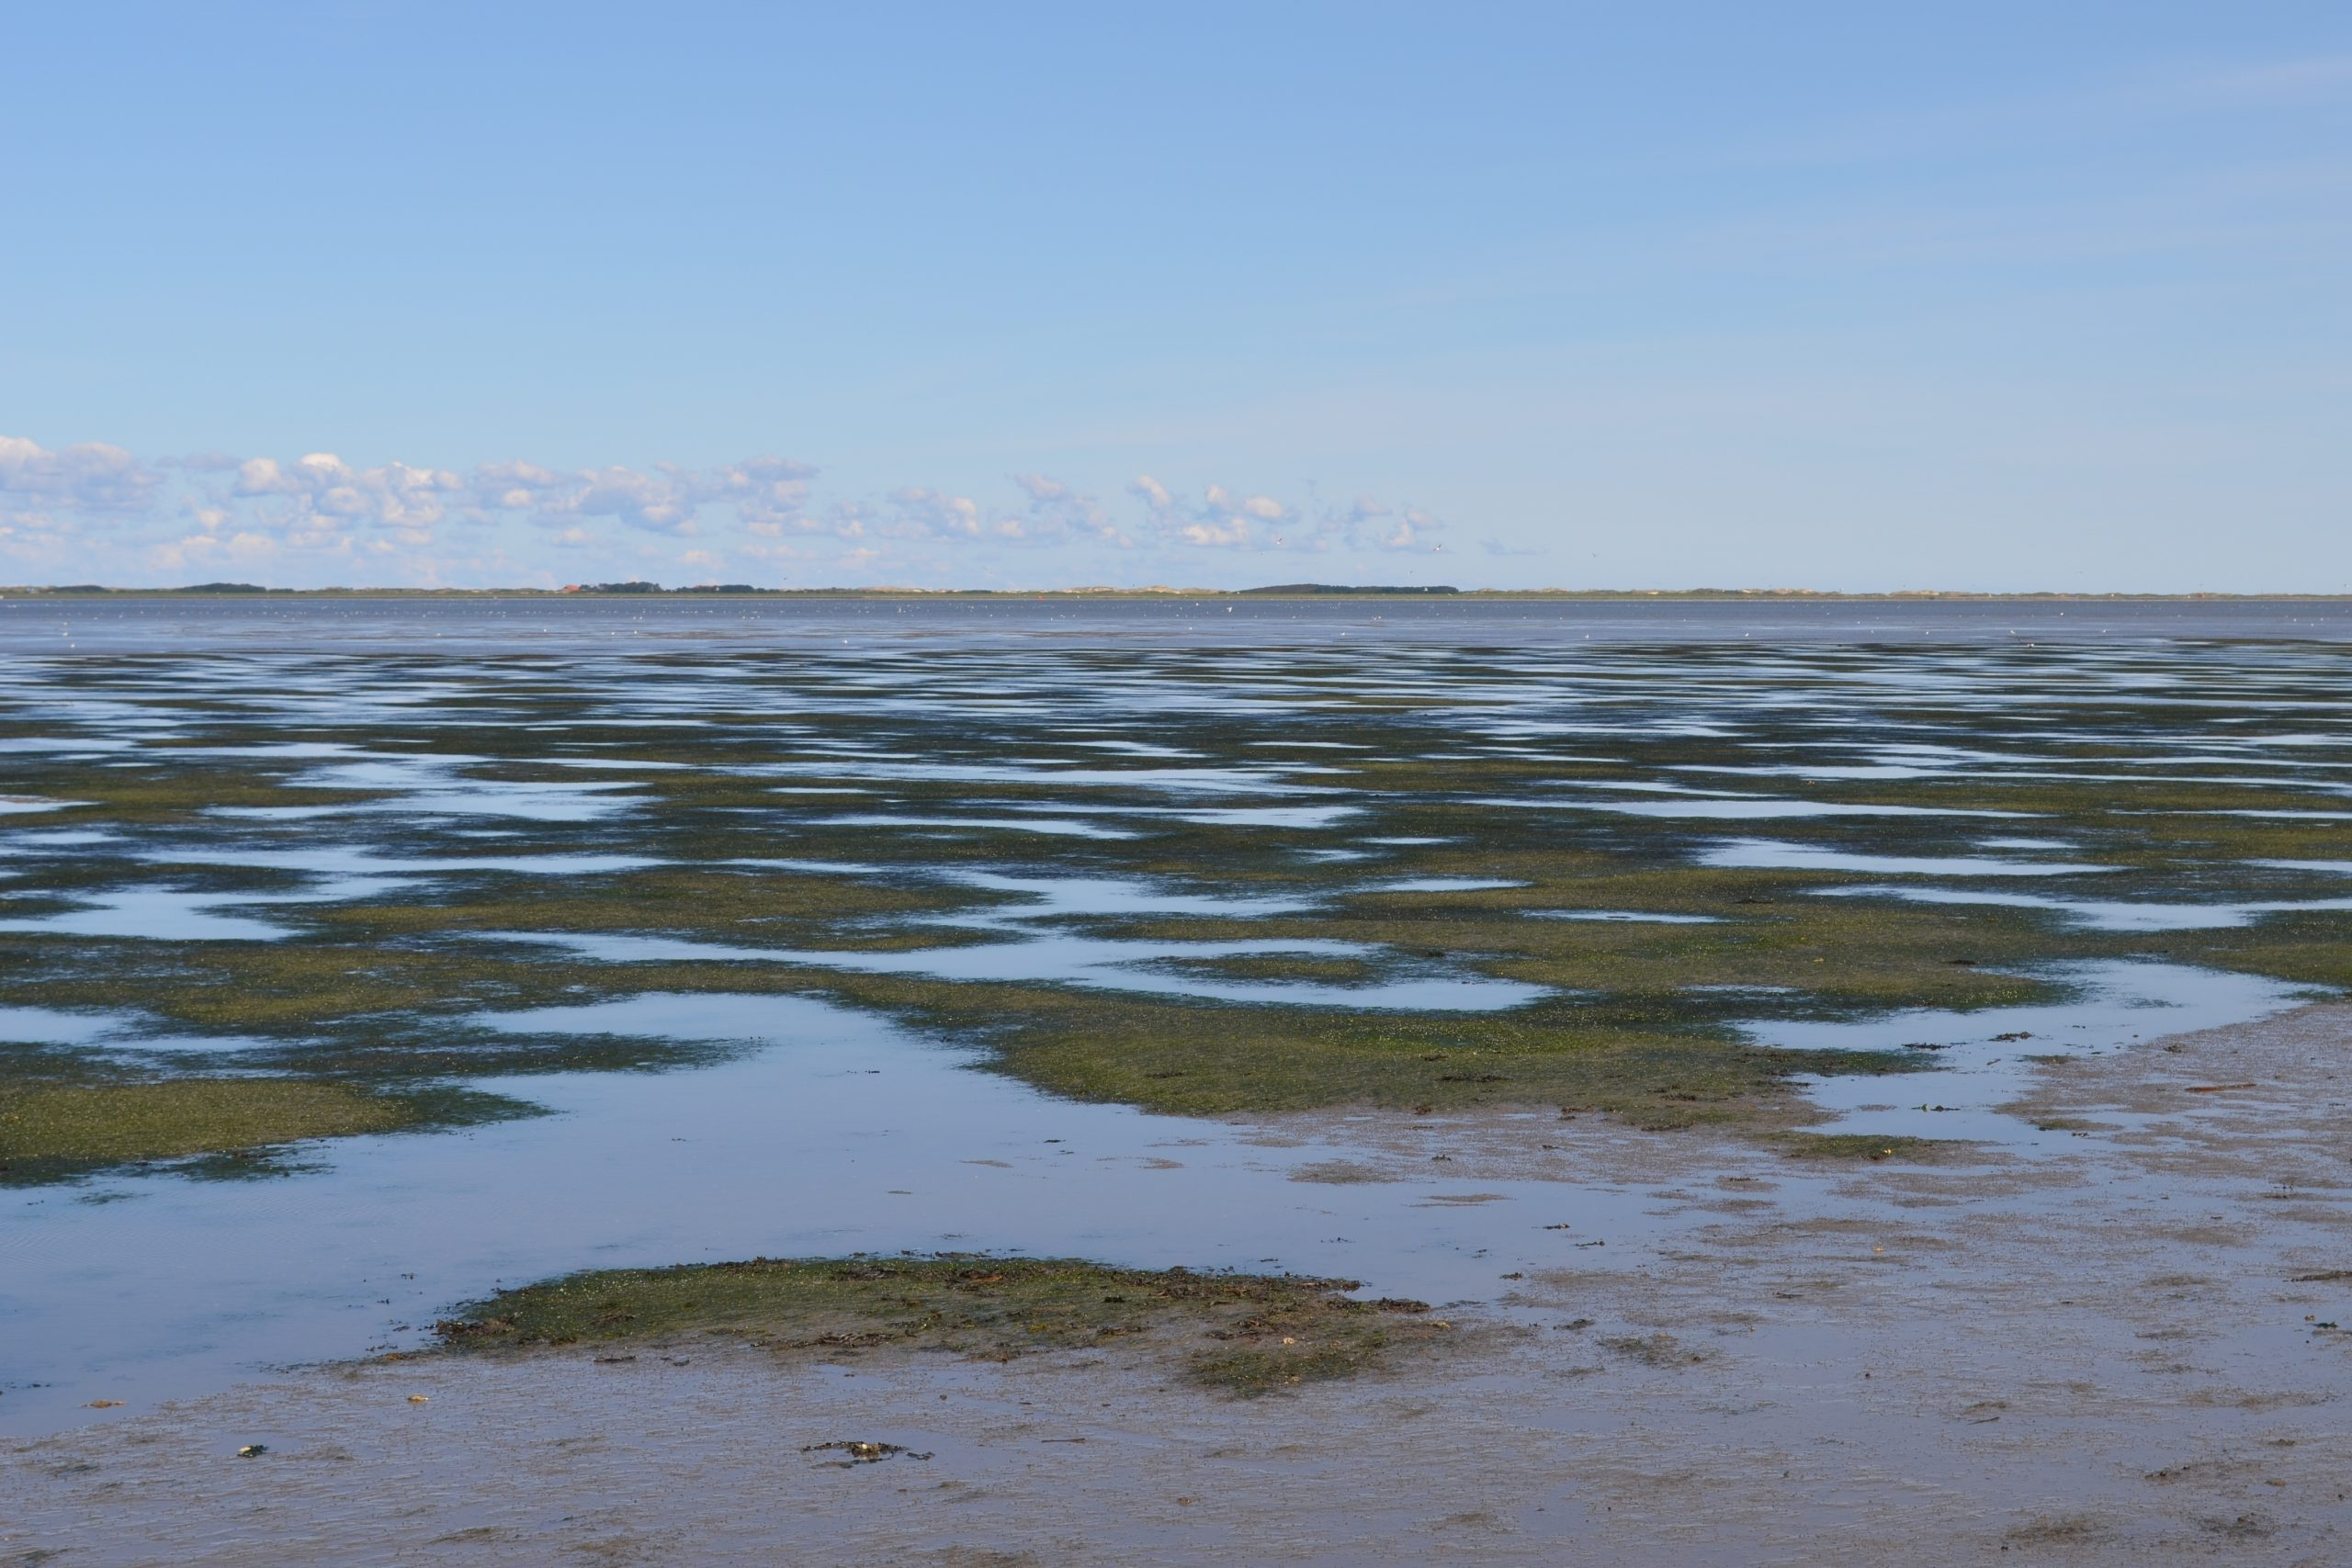 Seegraswiese (Zostera noltei)